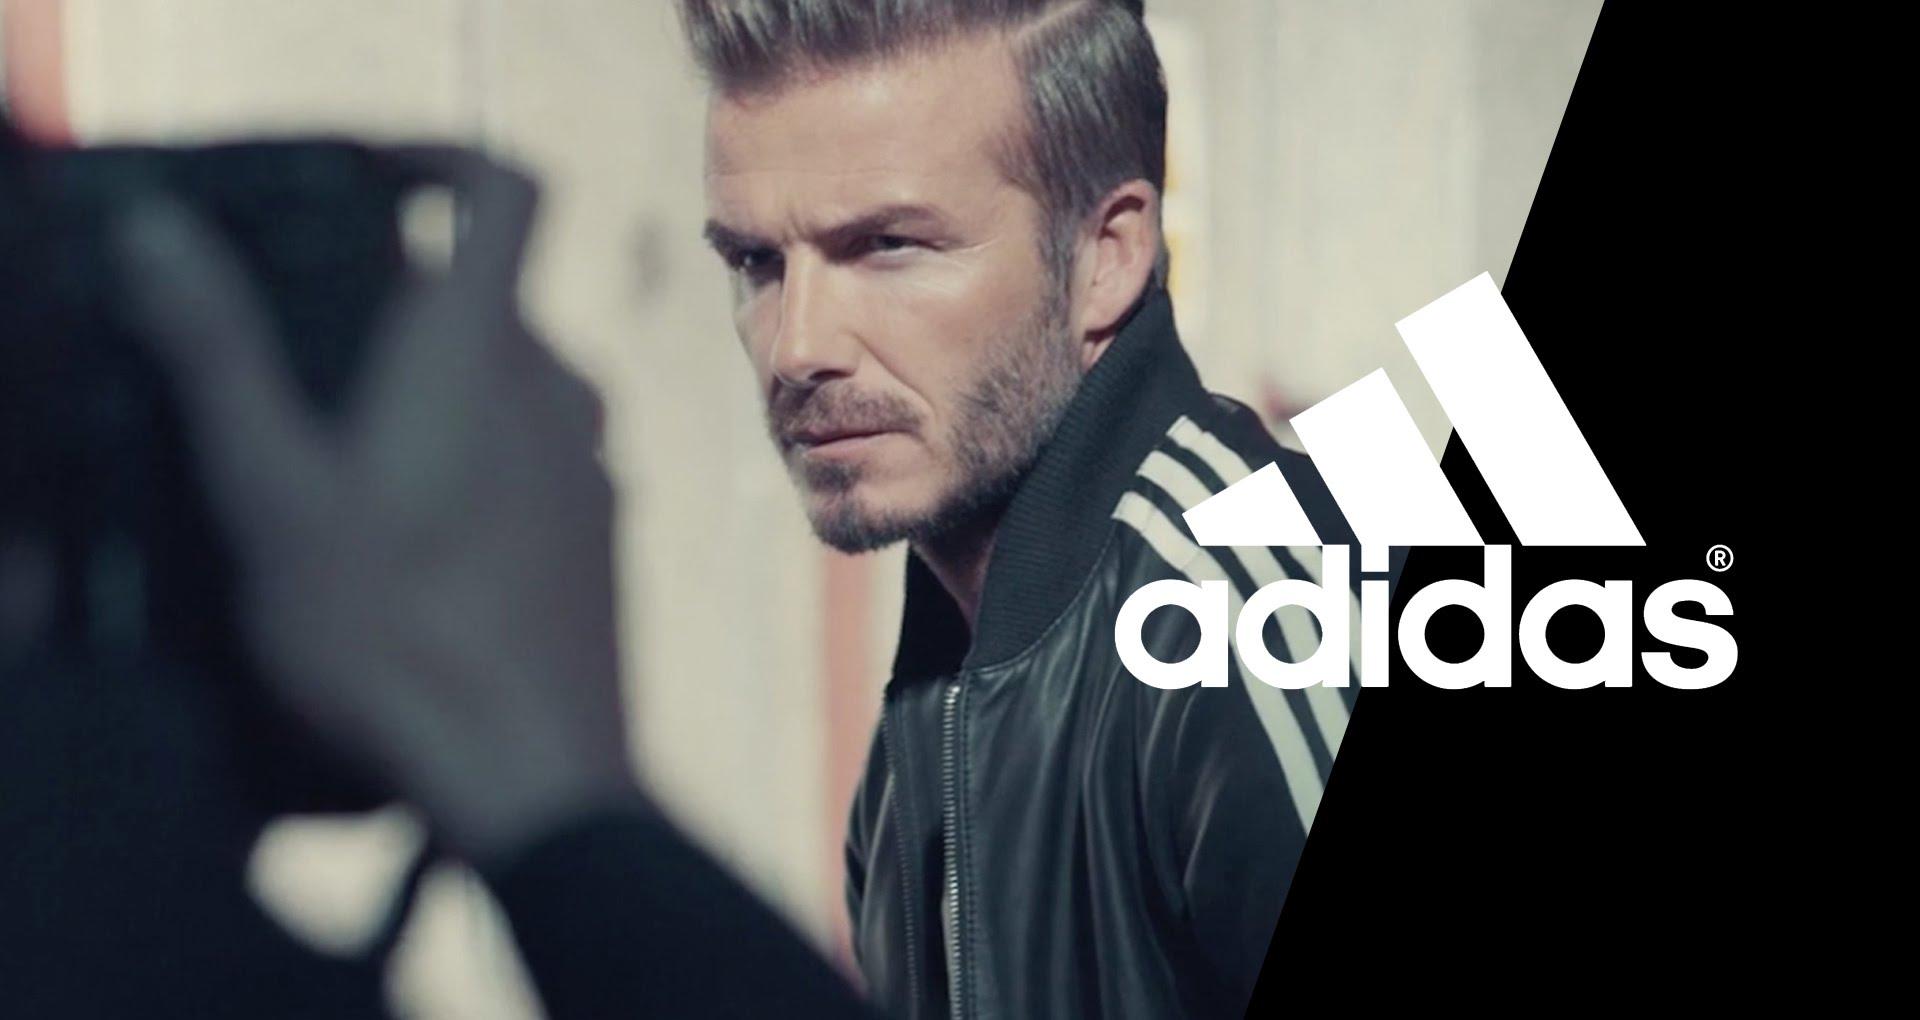 [Infographic] Lịch sử phát triển của hãng thời trang thể thao Adidas